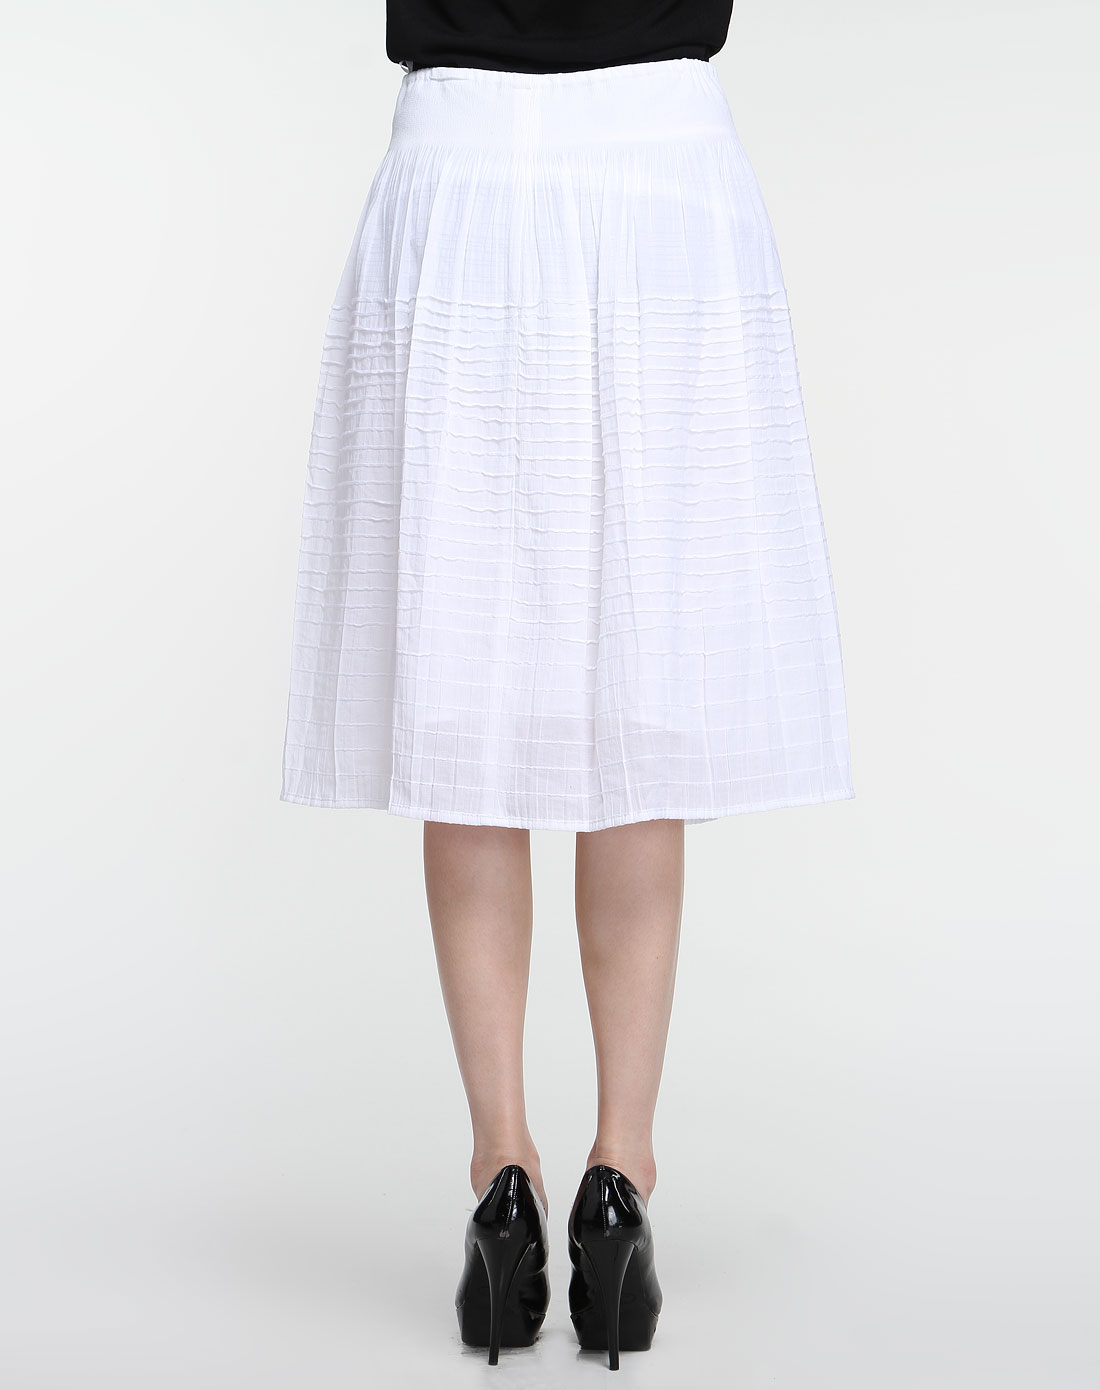 半哹�����y�:,,_漂白色休闲半裙